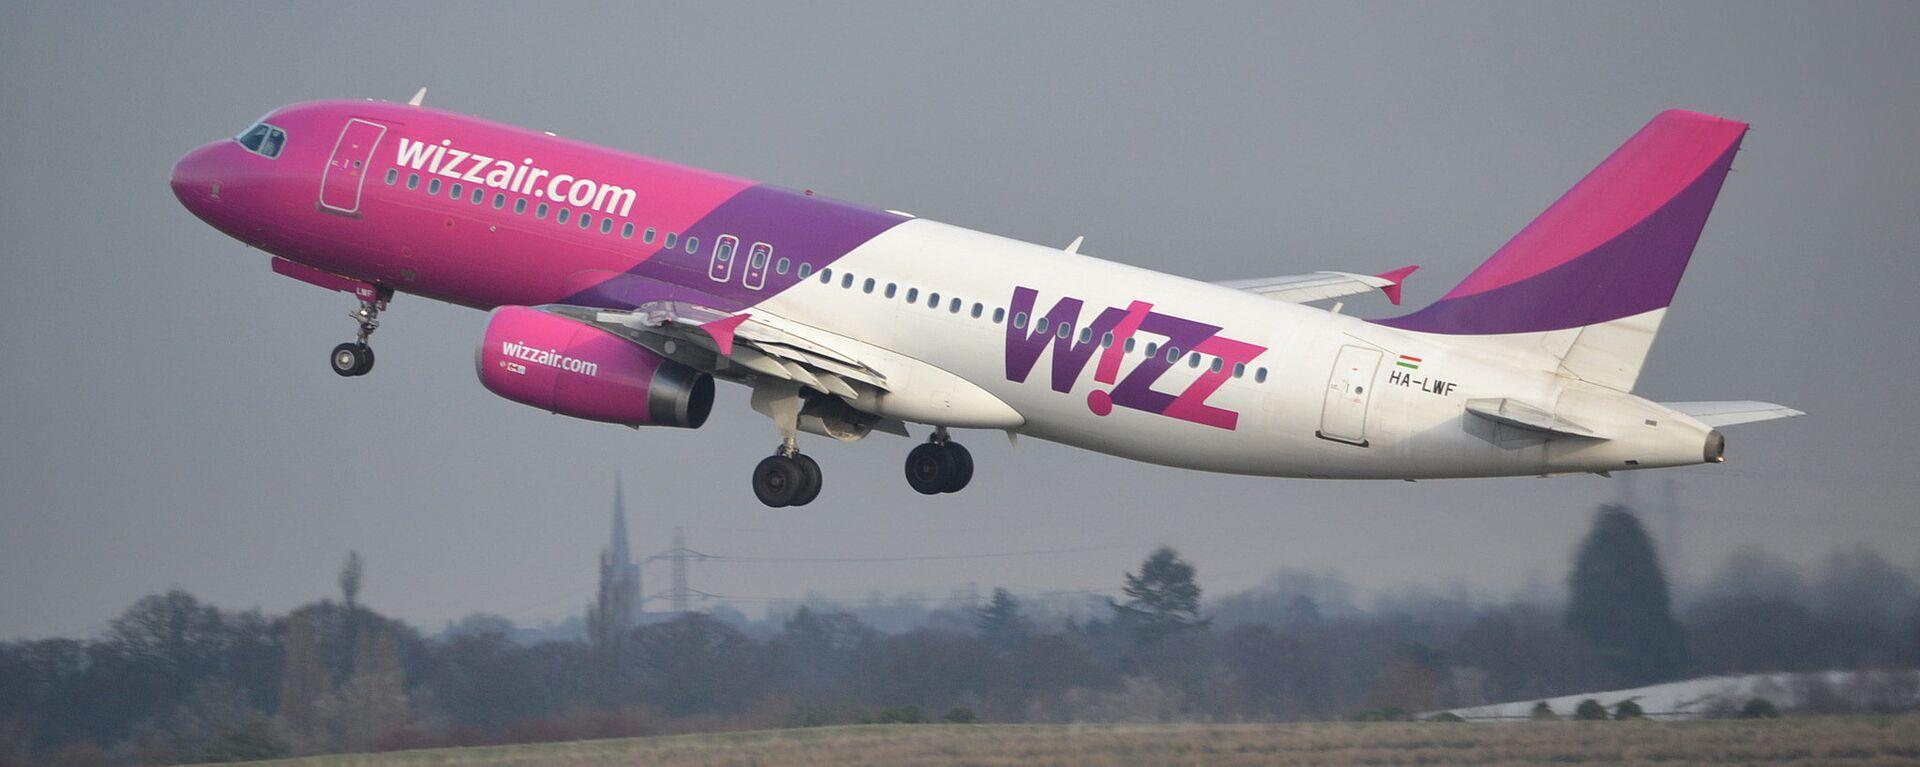 კომპანია Wizz Air–ის თვითმფრინავი   - Sputnik საქართველო, 1920, 15.09.2021